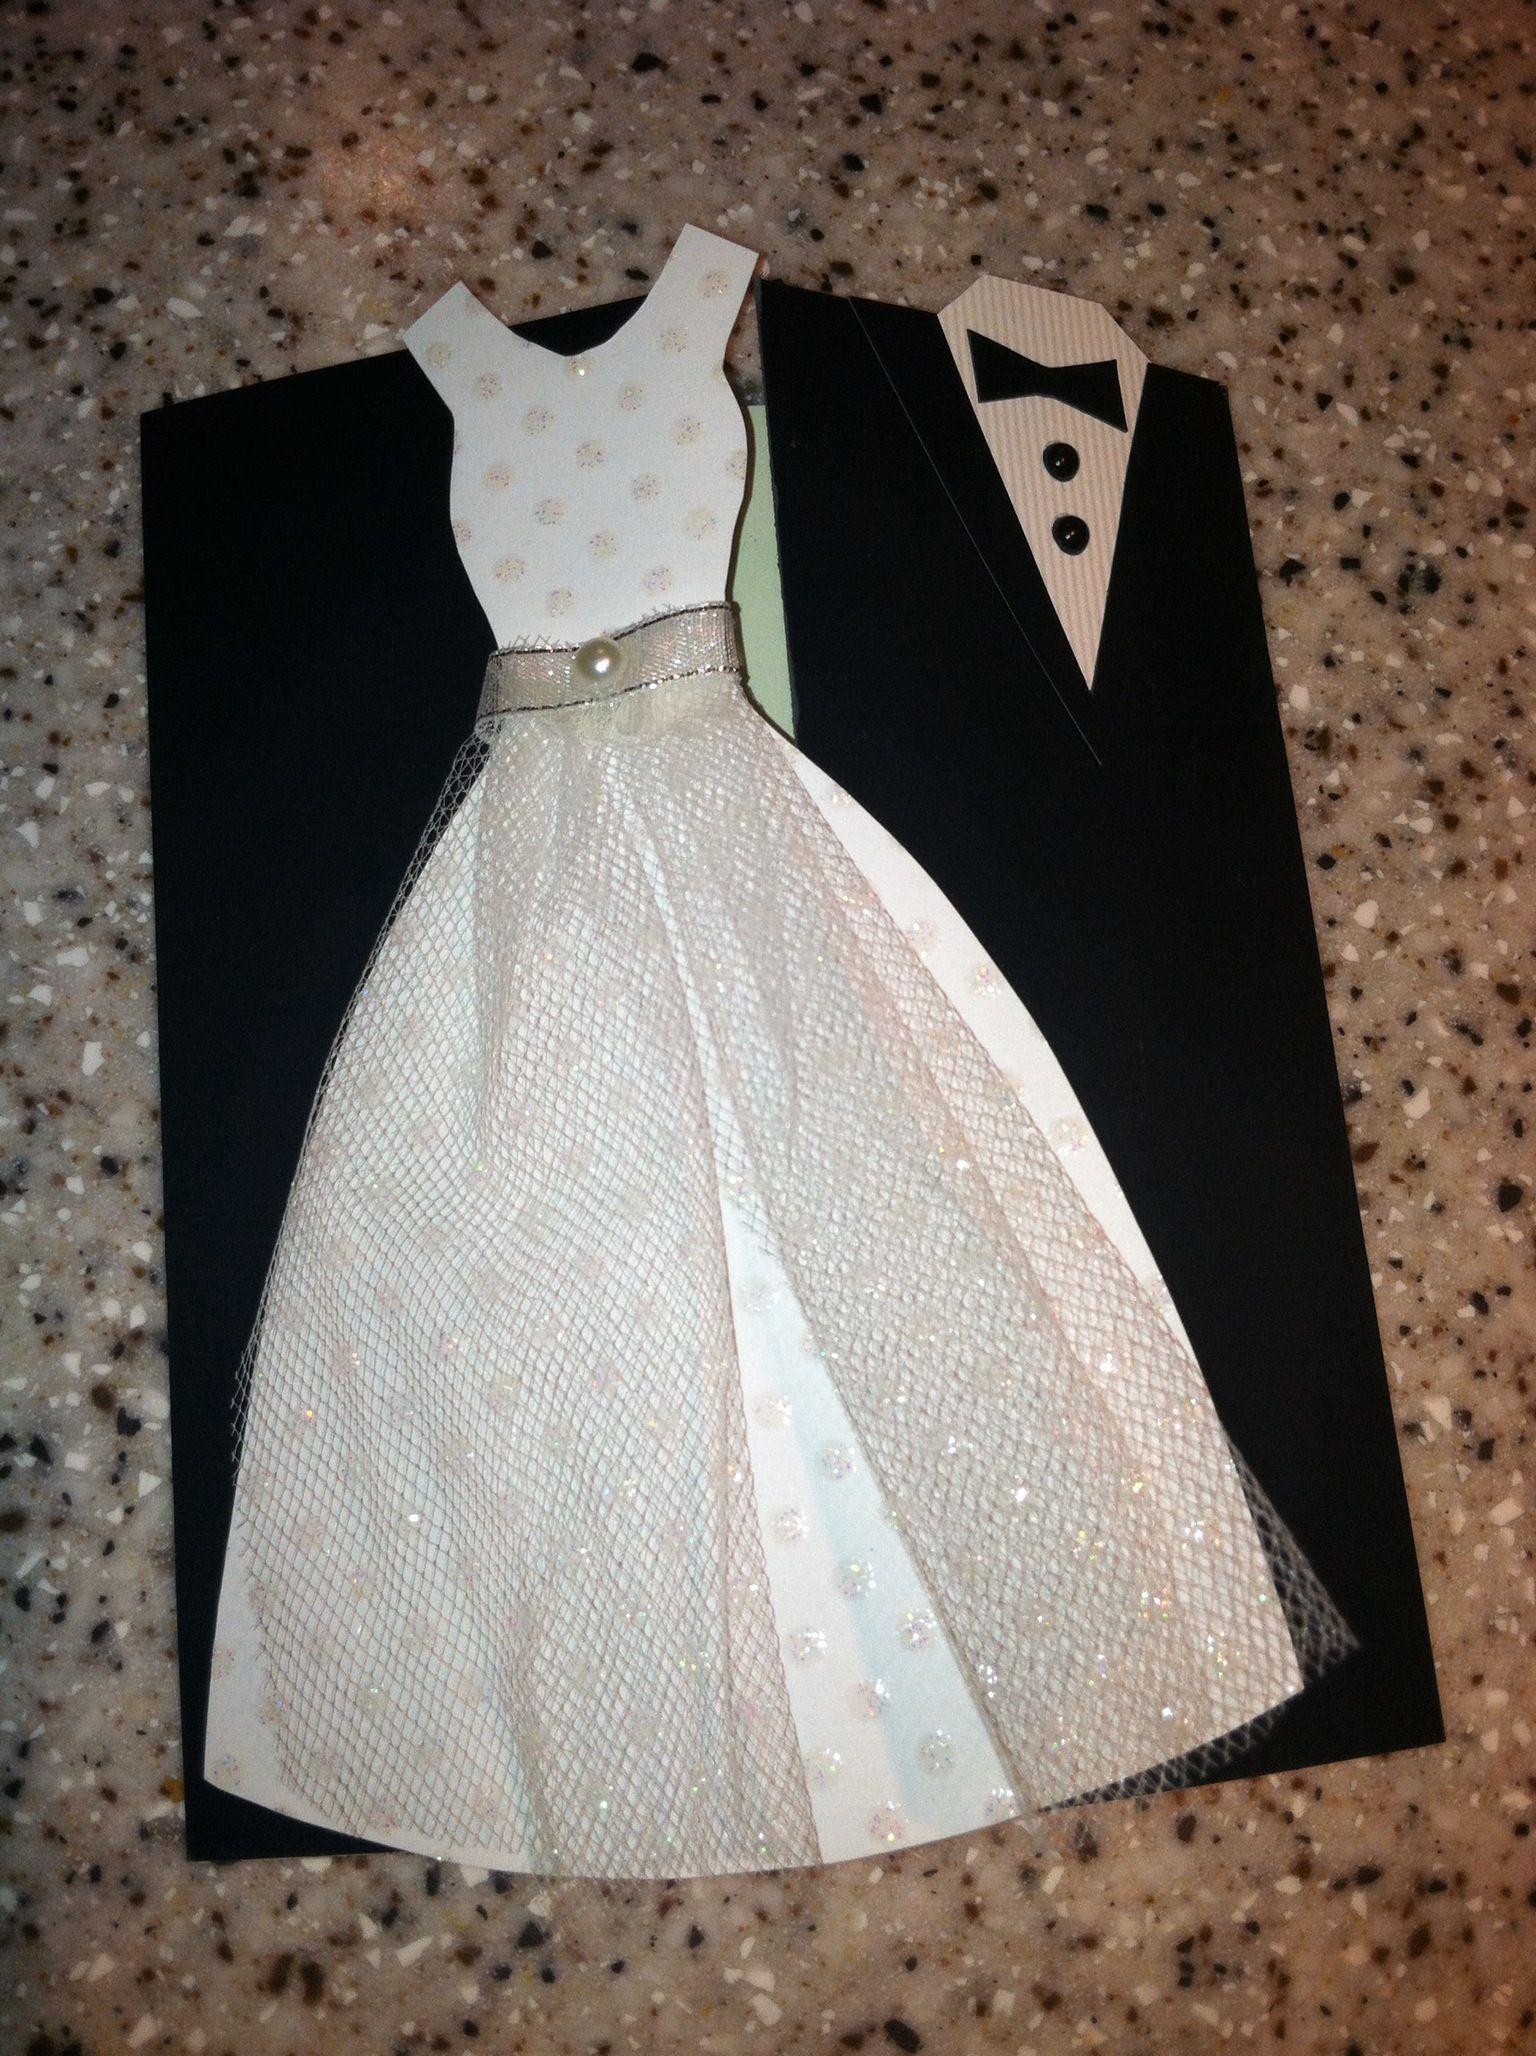 Февраля открытки, свадебное платье на открытке